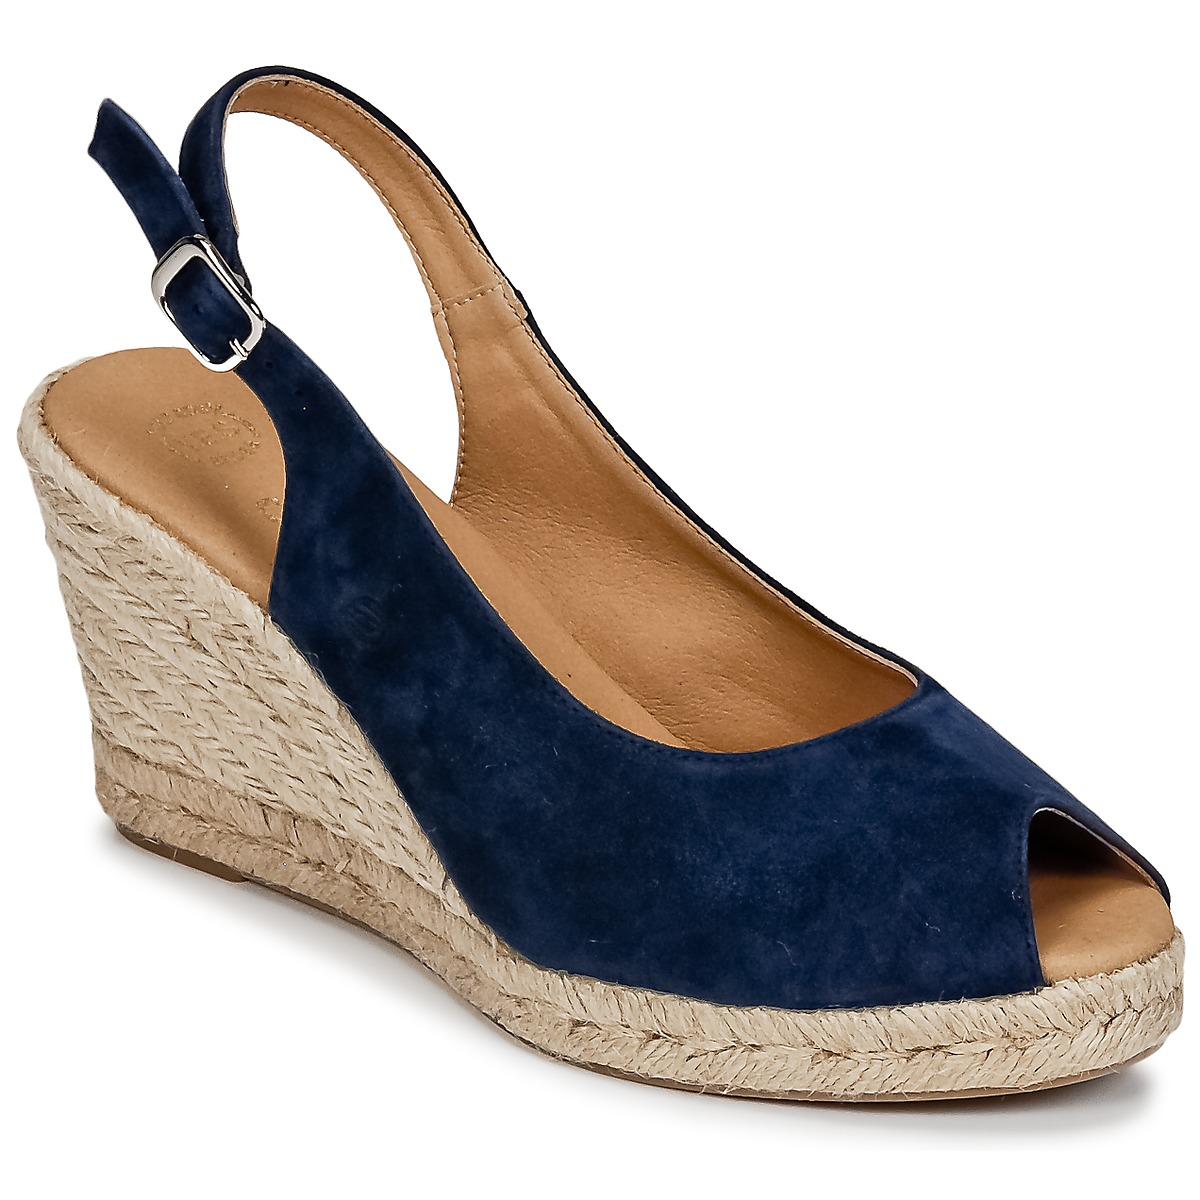 Betty London INANI Marine - Kostenloser Versand bei Spartoode ! - Schuhe Sandalen / Sandaletten Damen 51,99 €